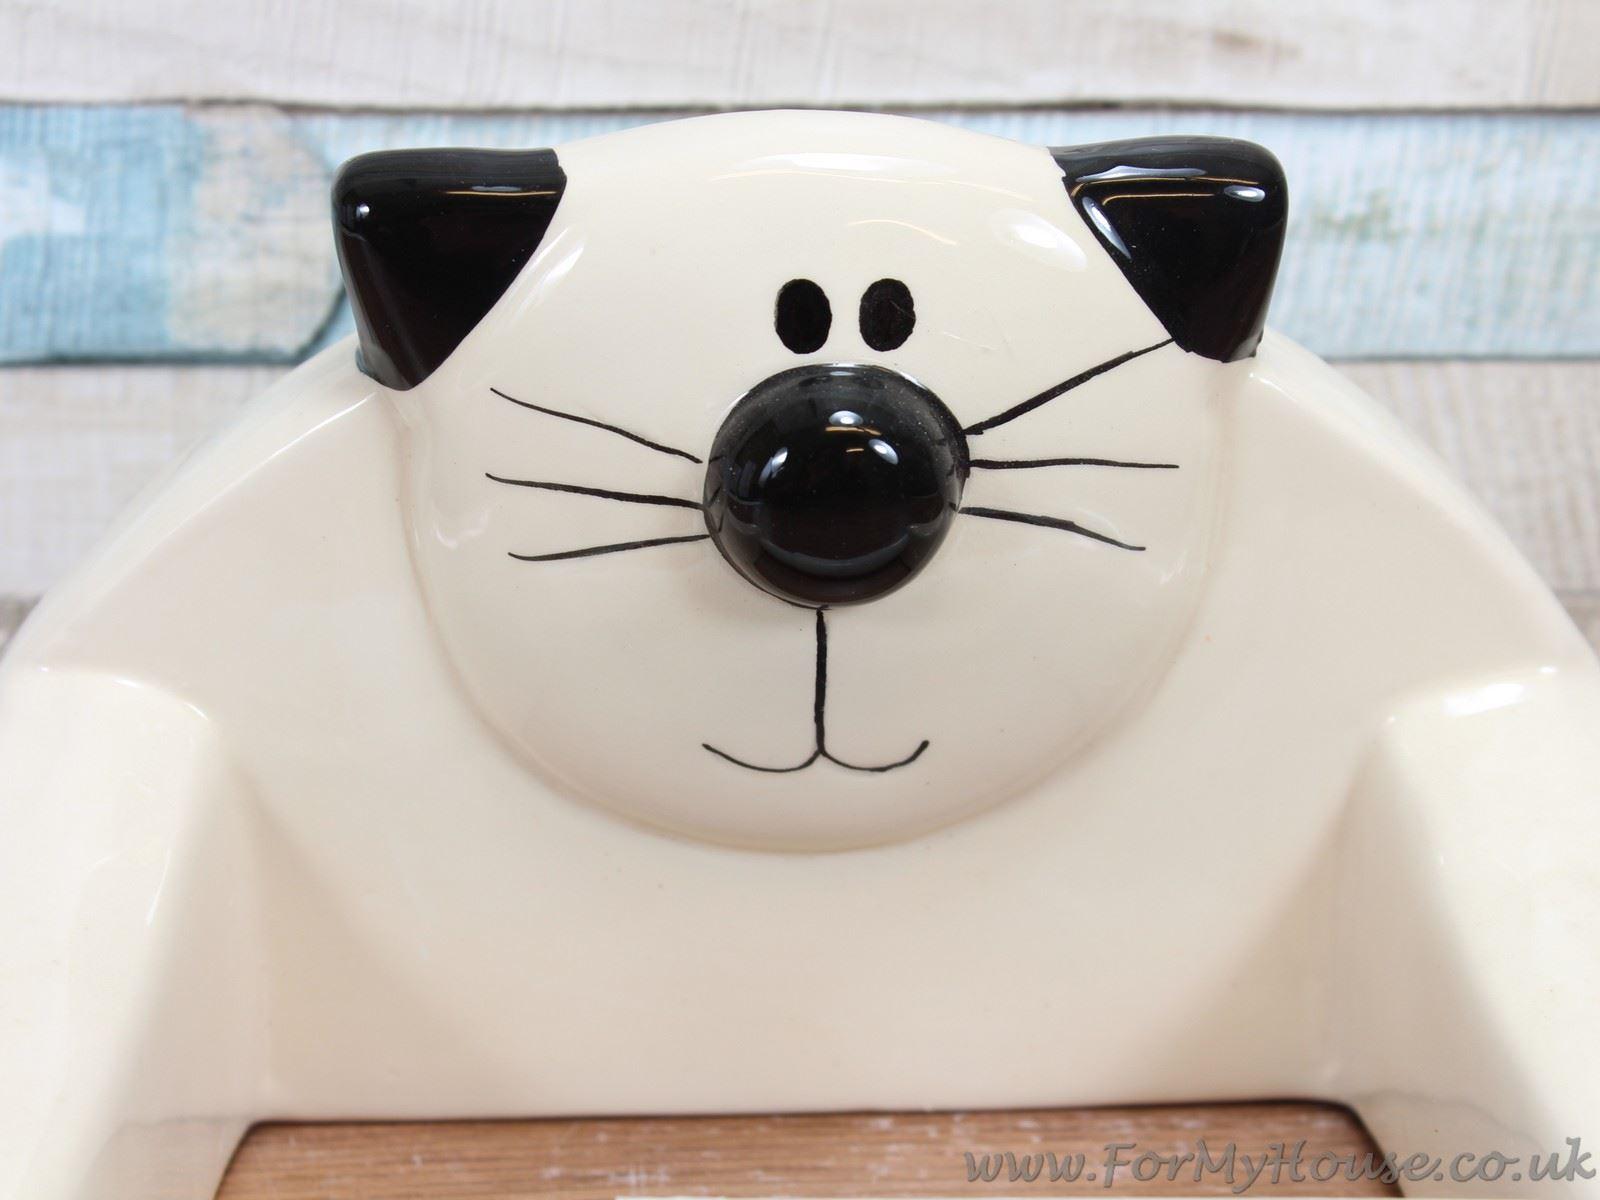 2kewt Novelty Cat Cream Ceramic Toilet Roll Paper Holder